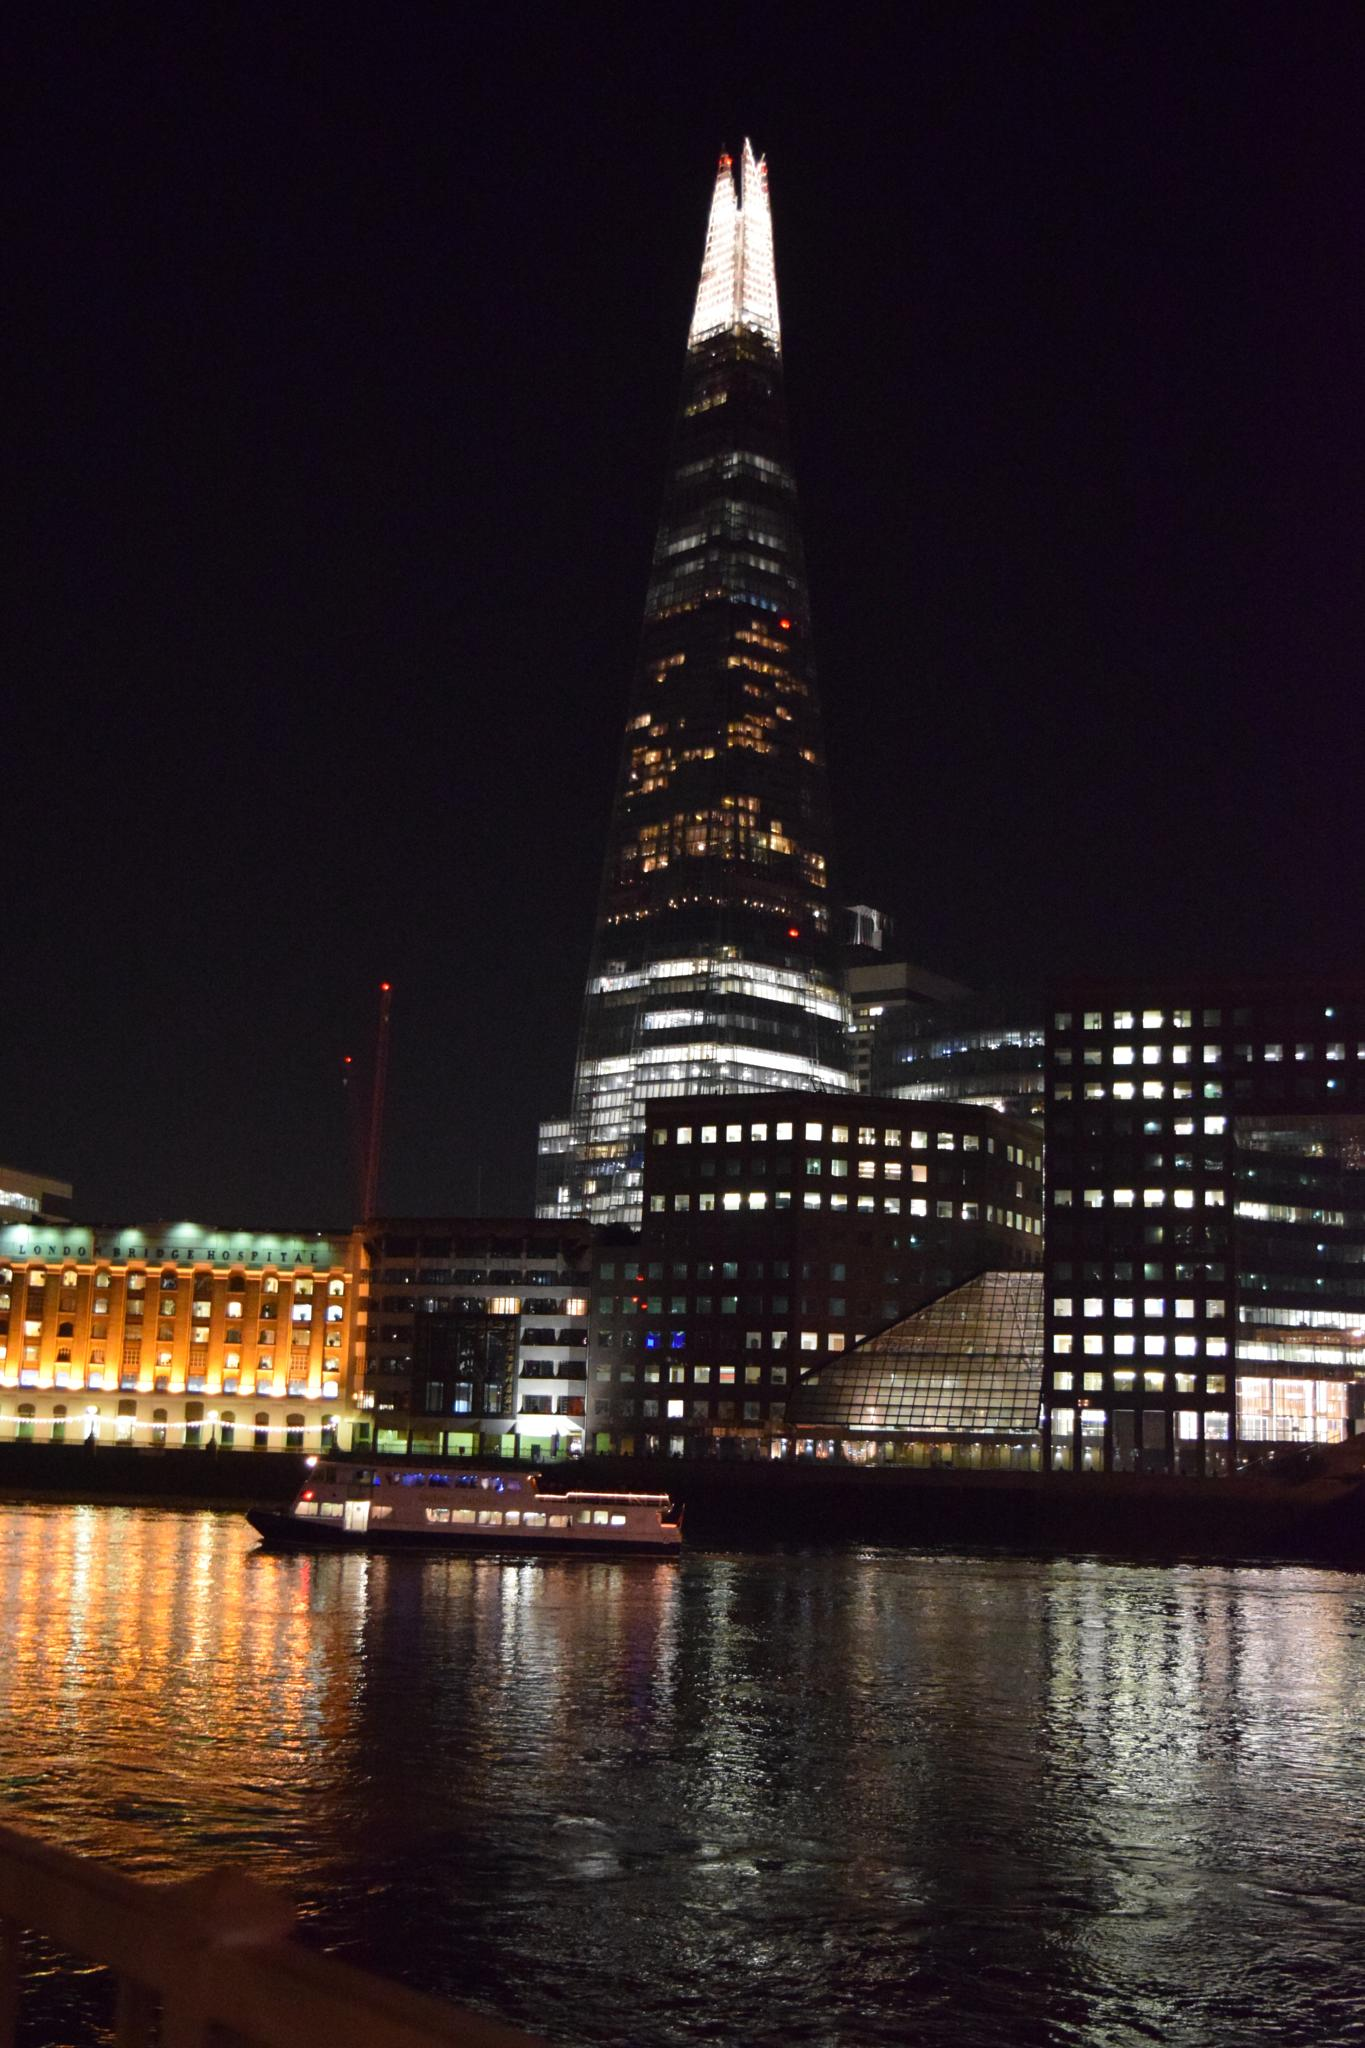 The Shard at night by Gwynboyo